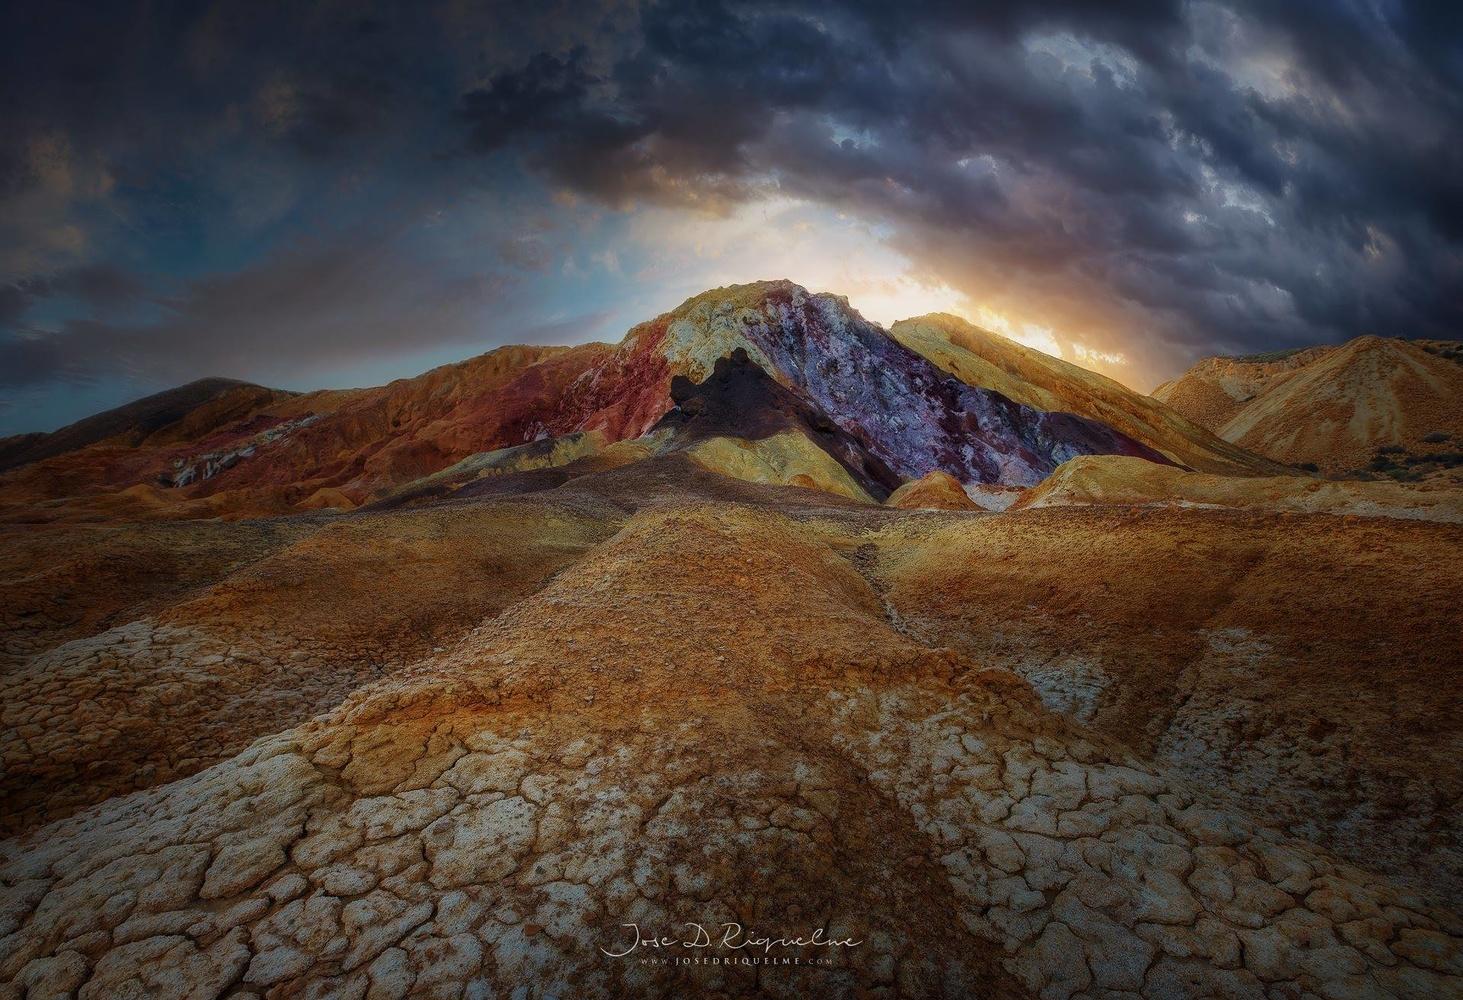 The old mine by José D. Riquelme